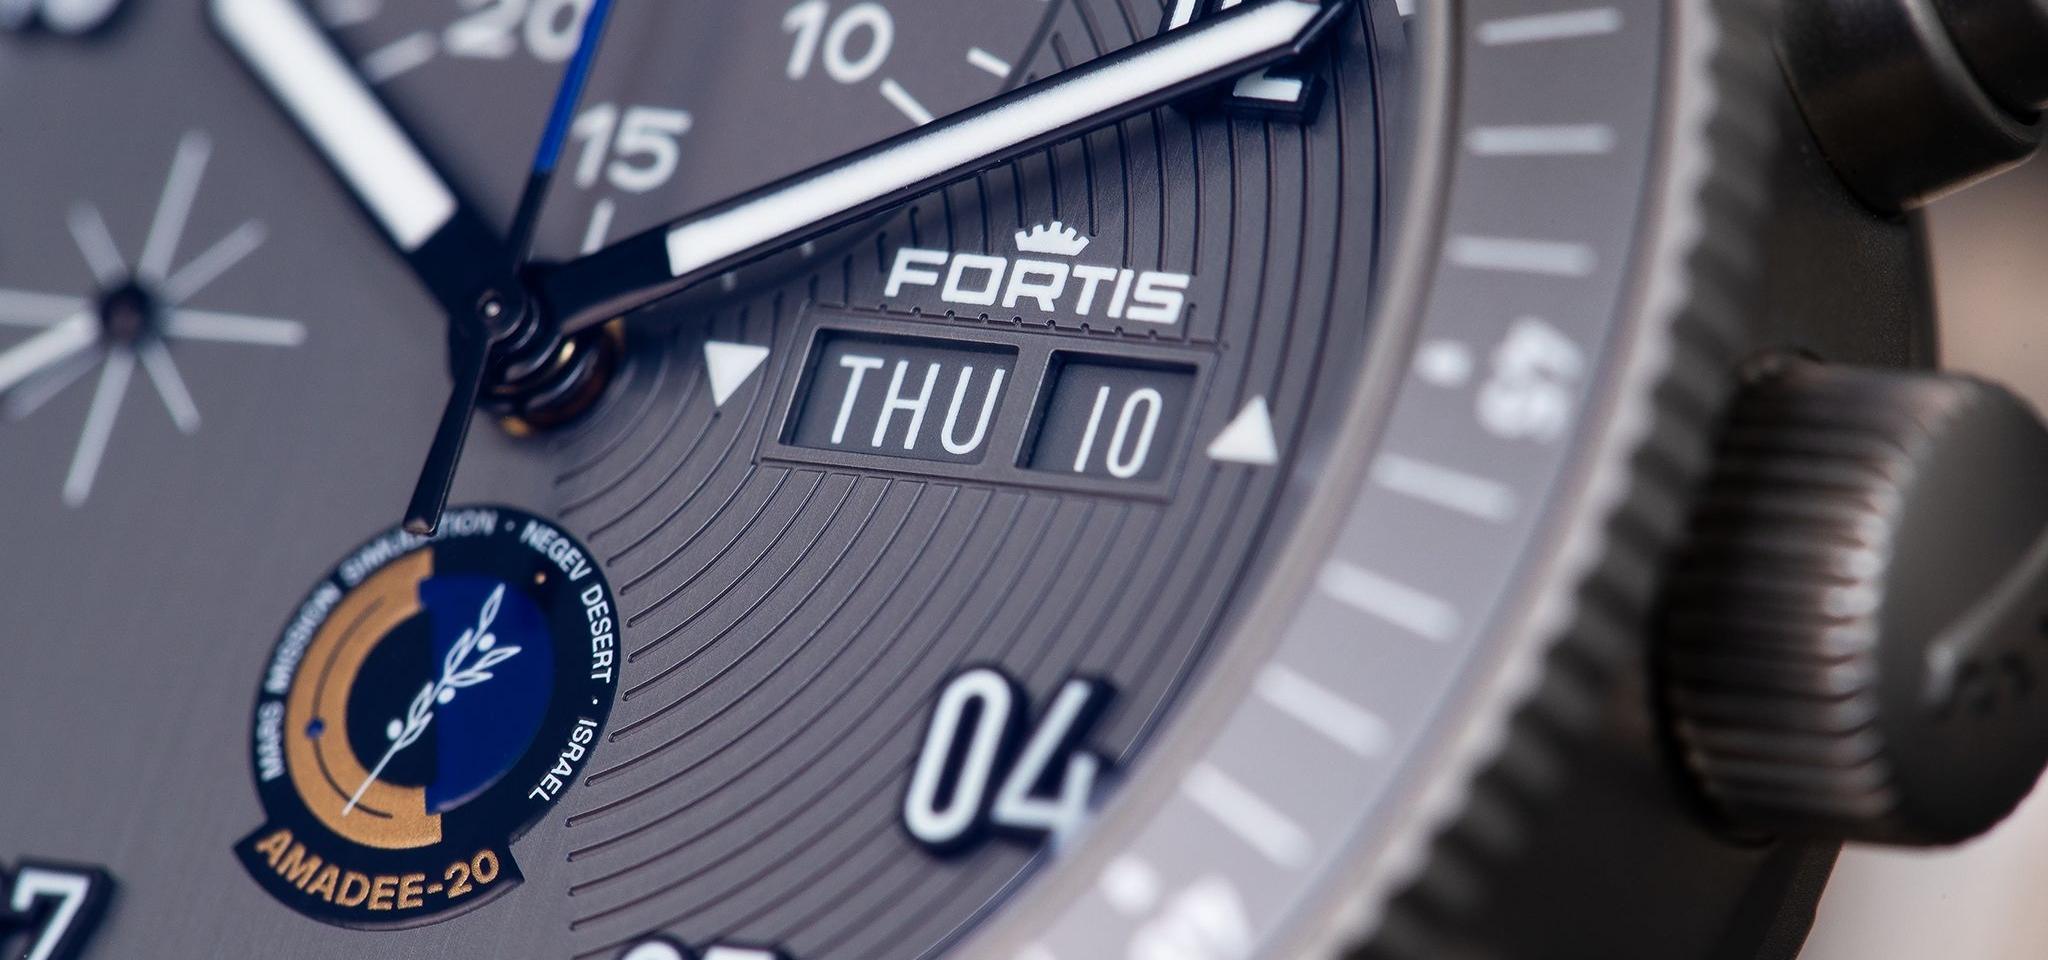 Pourquoi le chronographe officiel des cosmonautes AMADEE-20 de Fortis est la montre parfaite pour les futurs habitants de Mars.